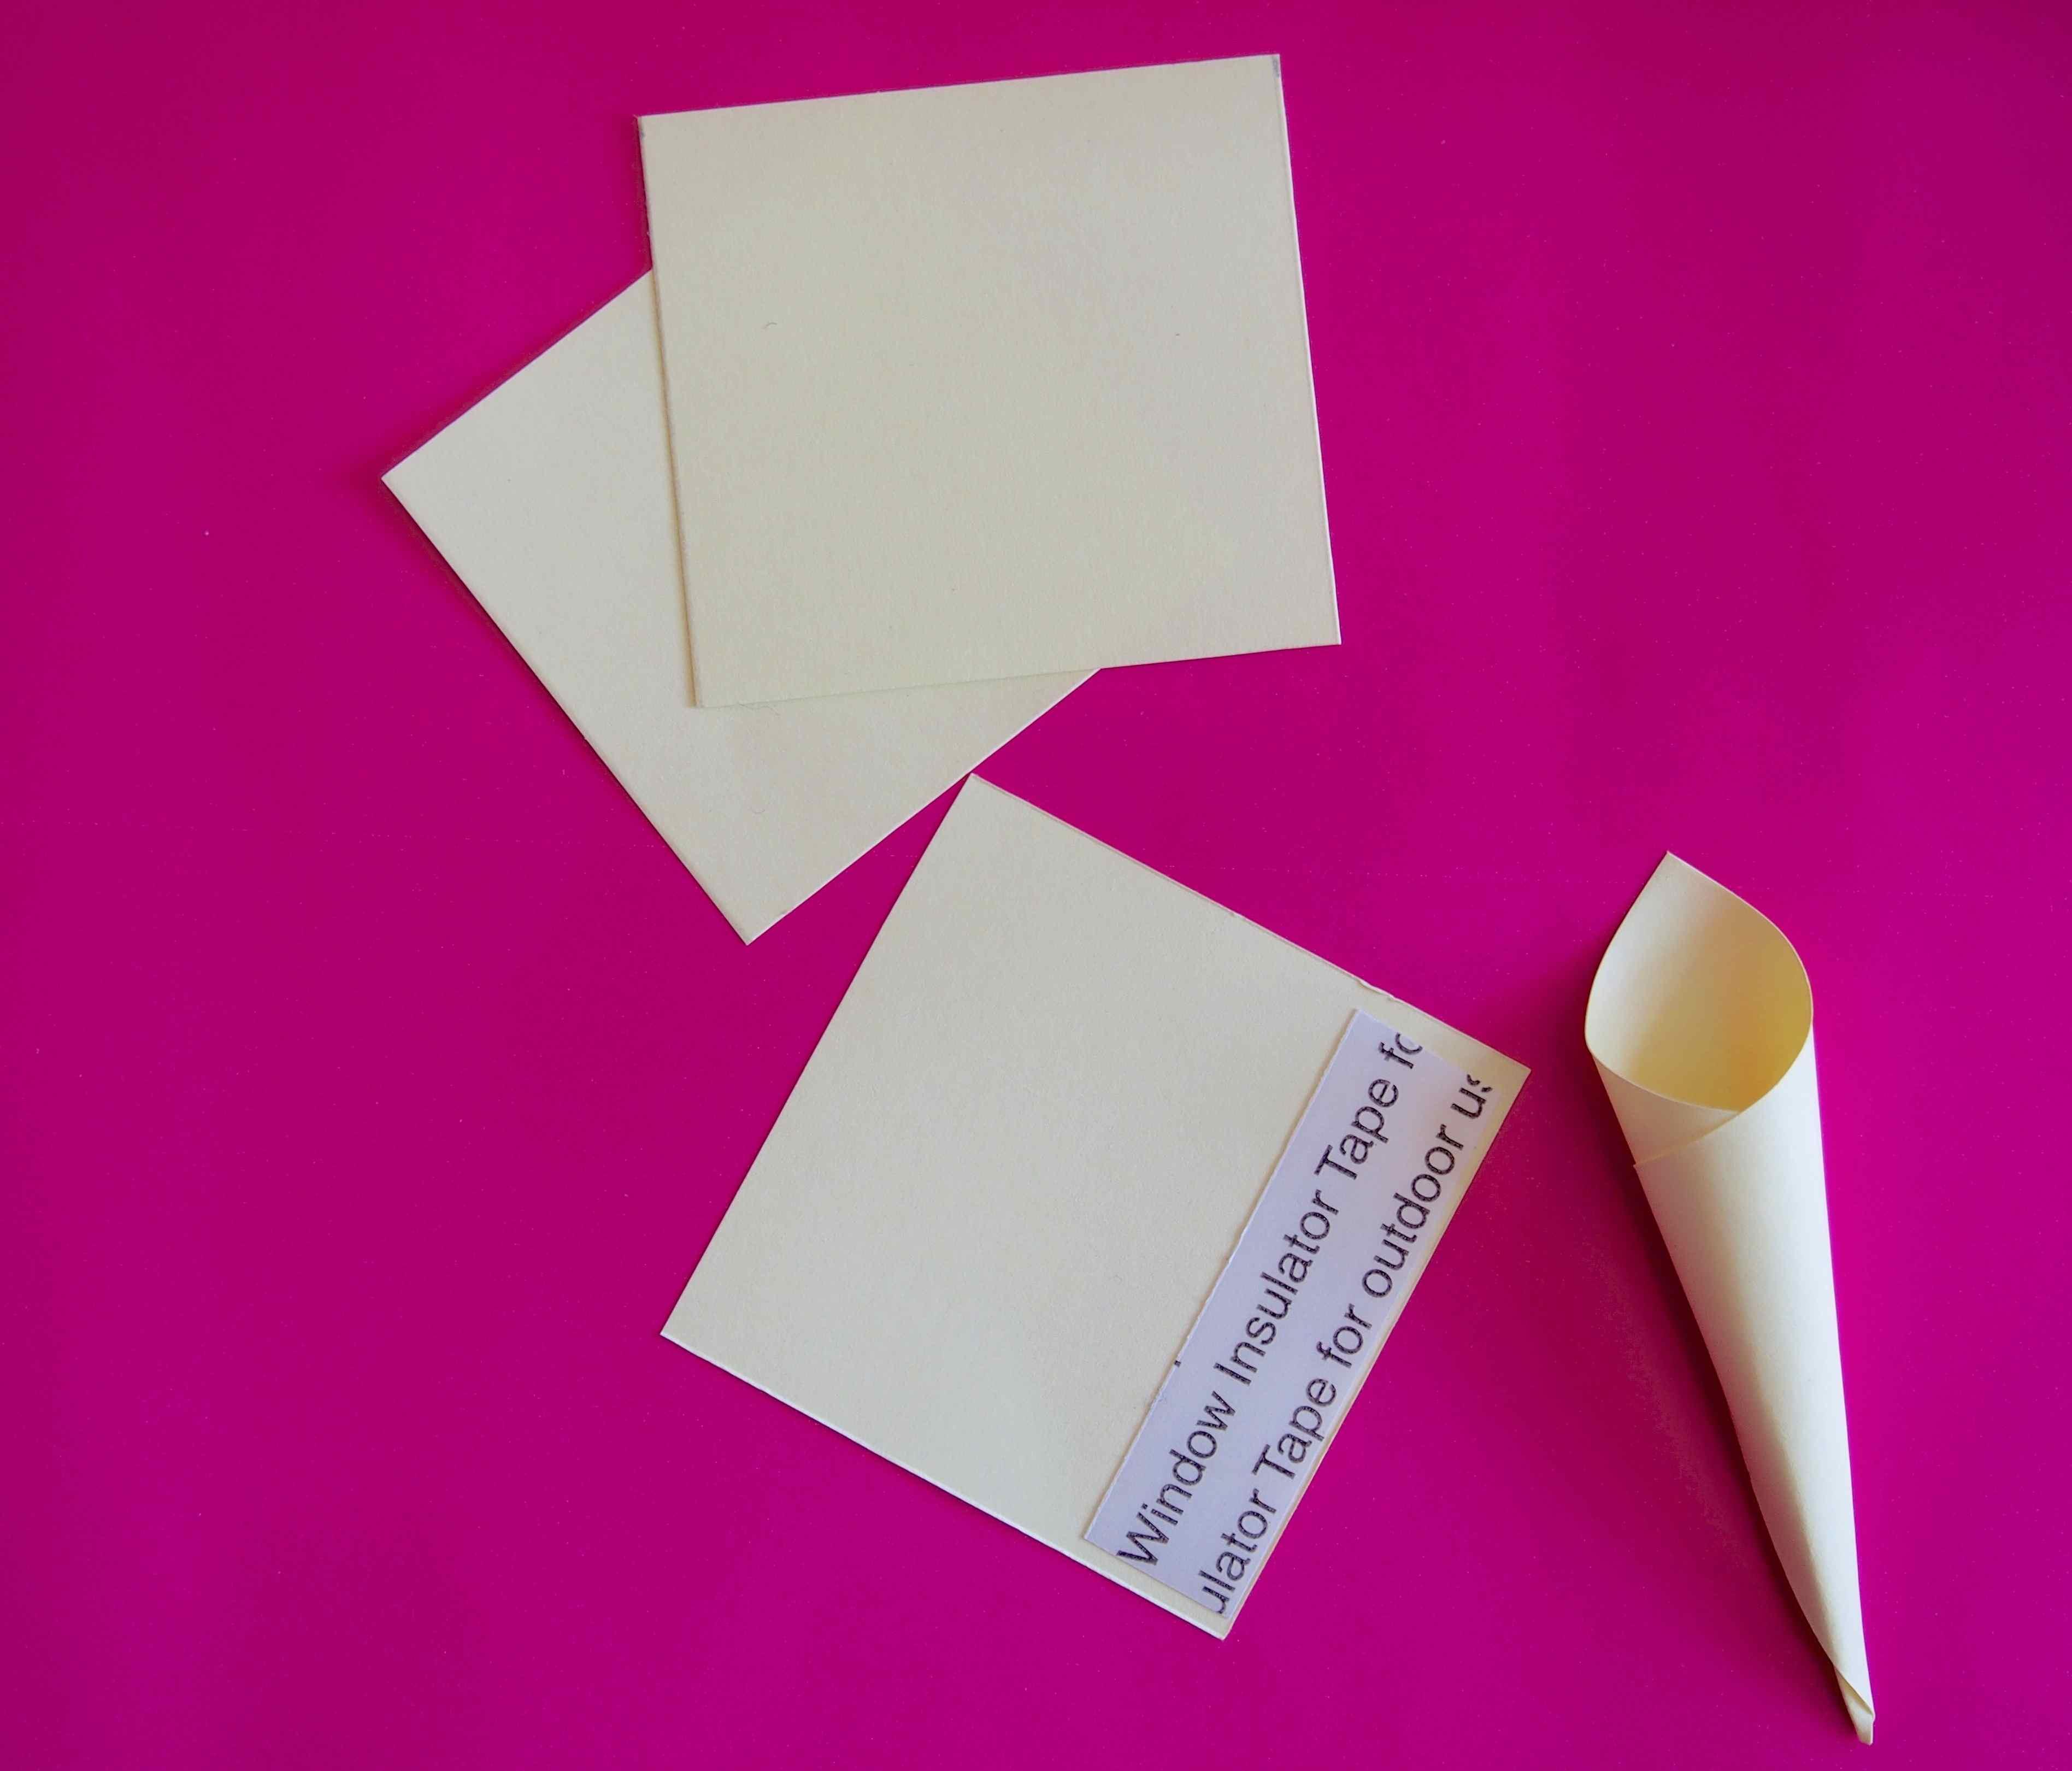 dahlia, mon amour – rose caramelle – carnet d'inspiration